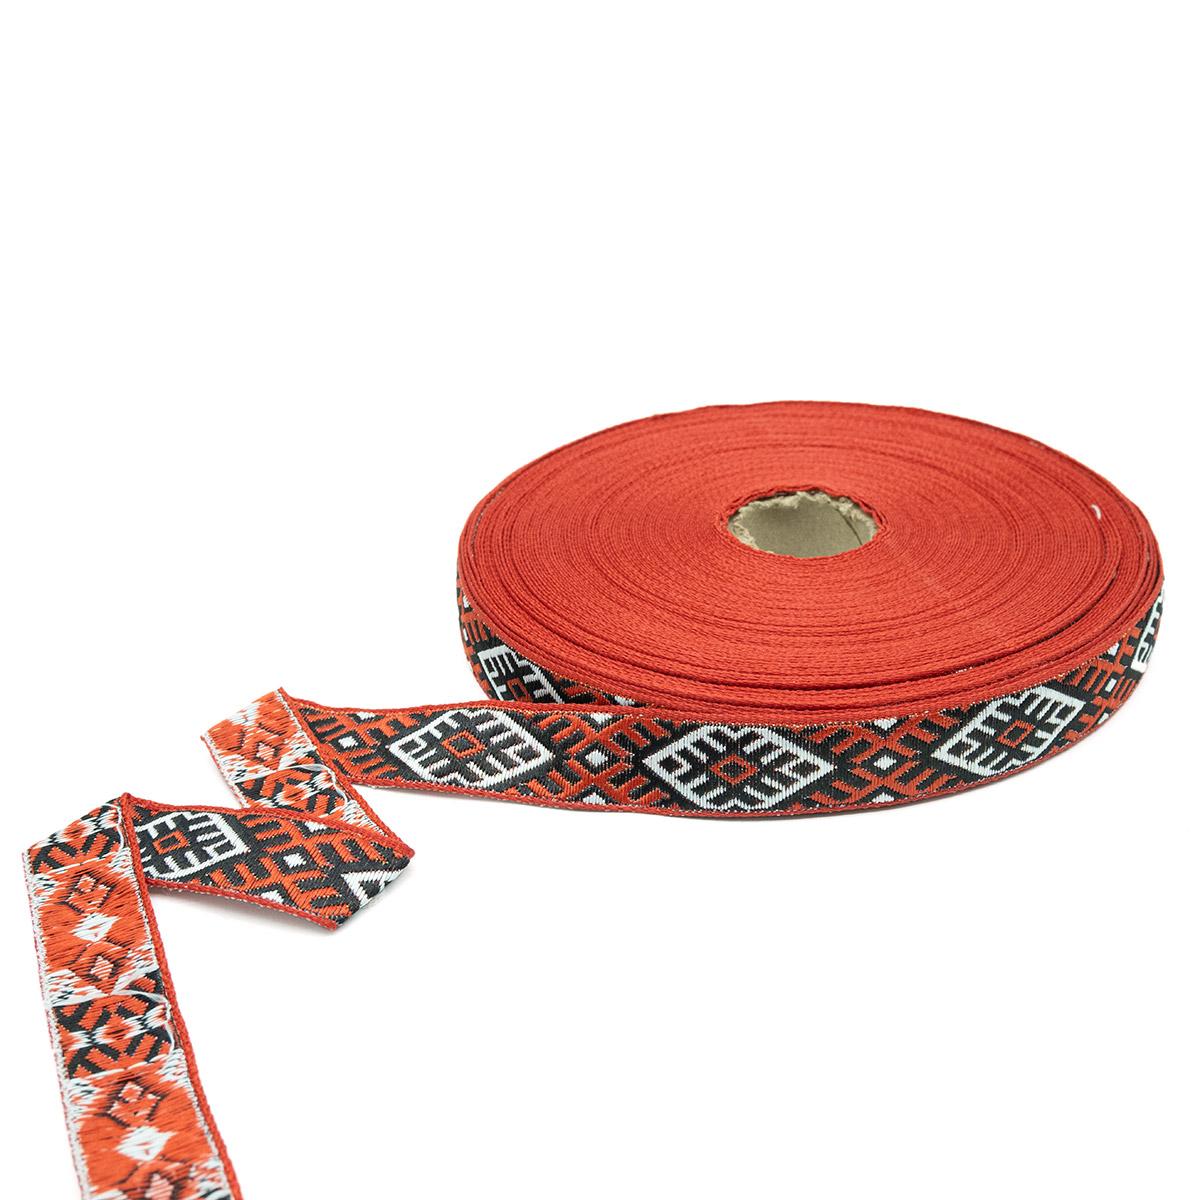 С3771Г17 Лента 'Славянский орнамент Оберег', рис.9227 18мм*25м